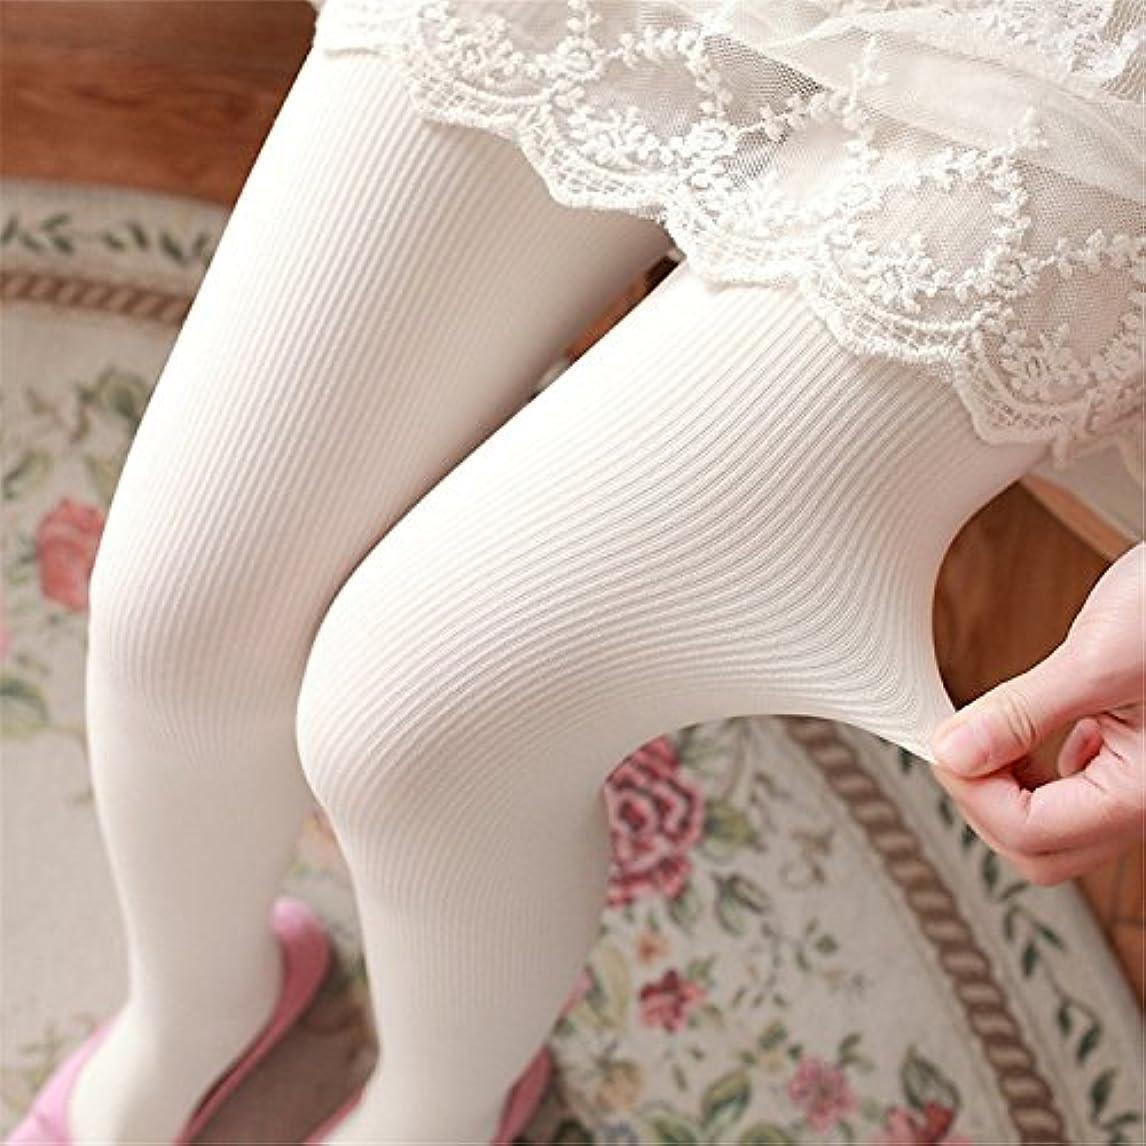 アピール受信ぼかすAriyenai オーバーニーソックス 着圧 美脚セクシー フェイクタイツ ストッキング ニーハイニーソックス サイハイソックス 靴下